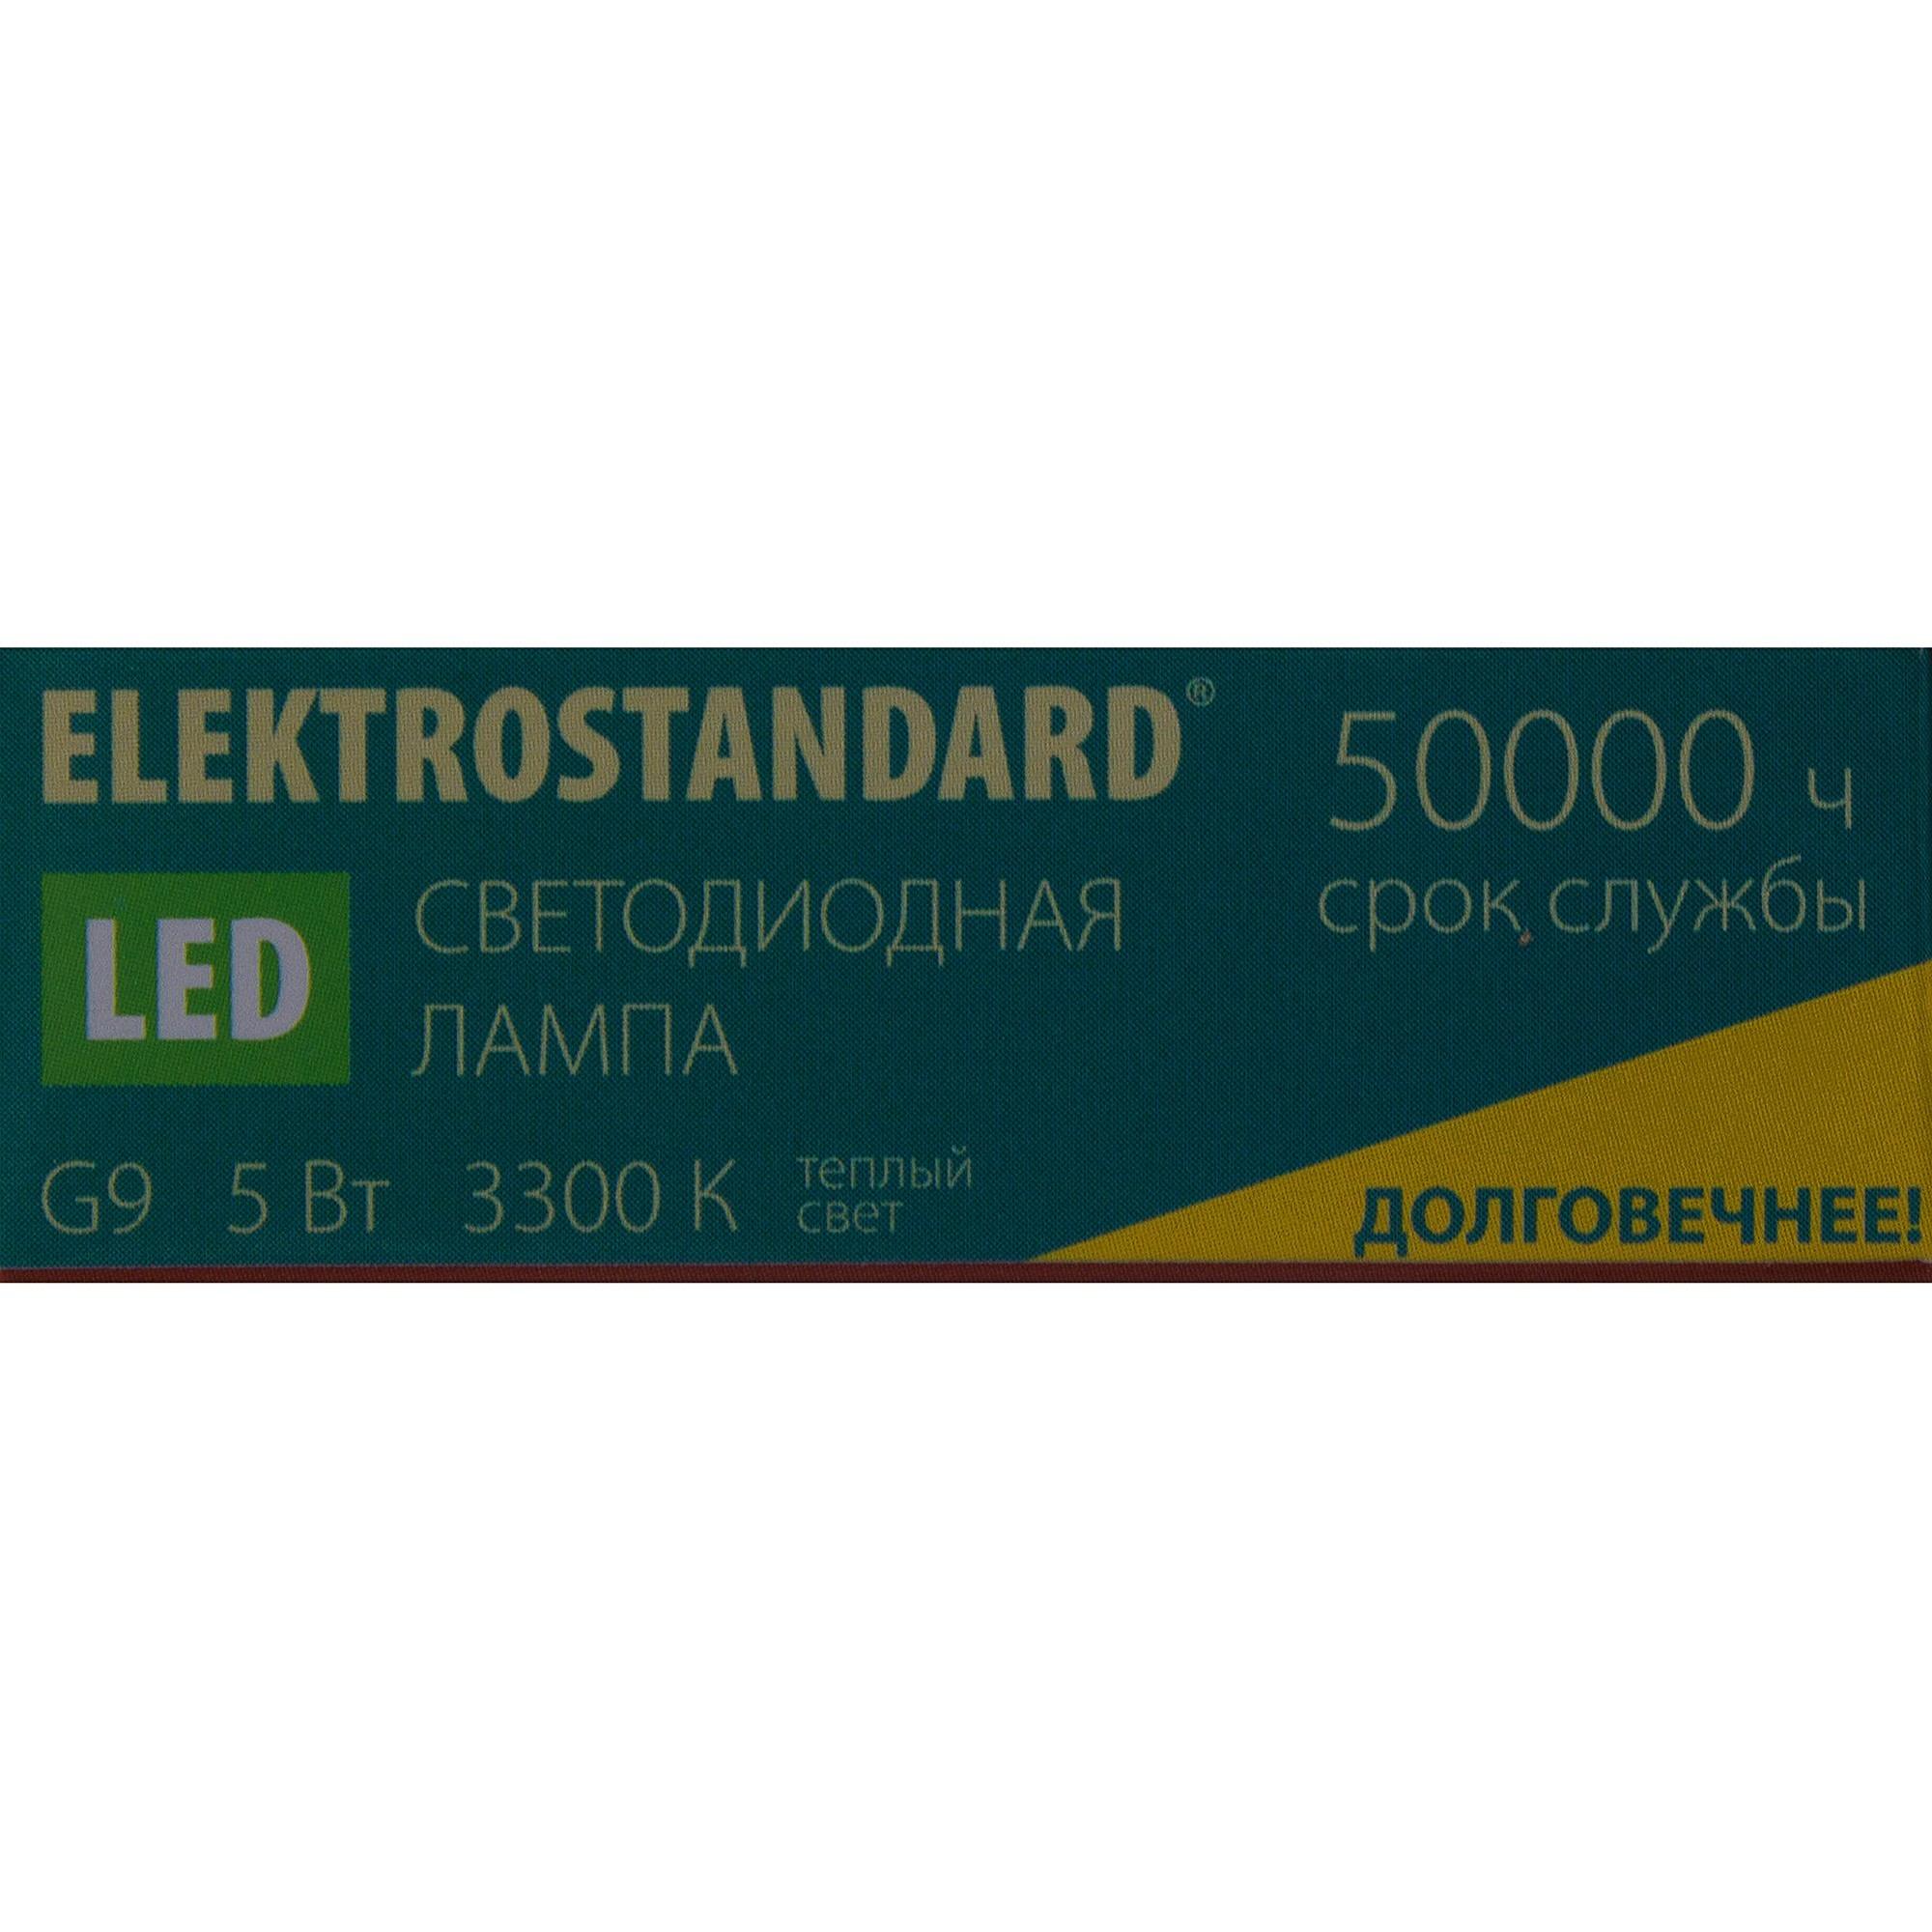 Лампа светодиодная Elektrostandard G9 5 Вт 3300 К свет теплый белый